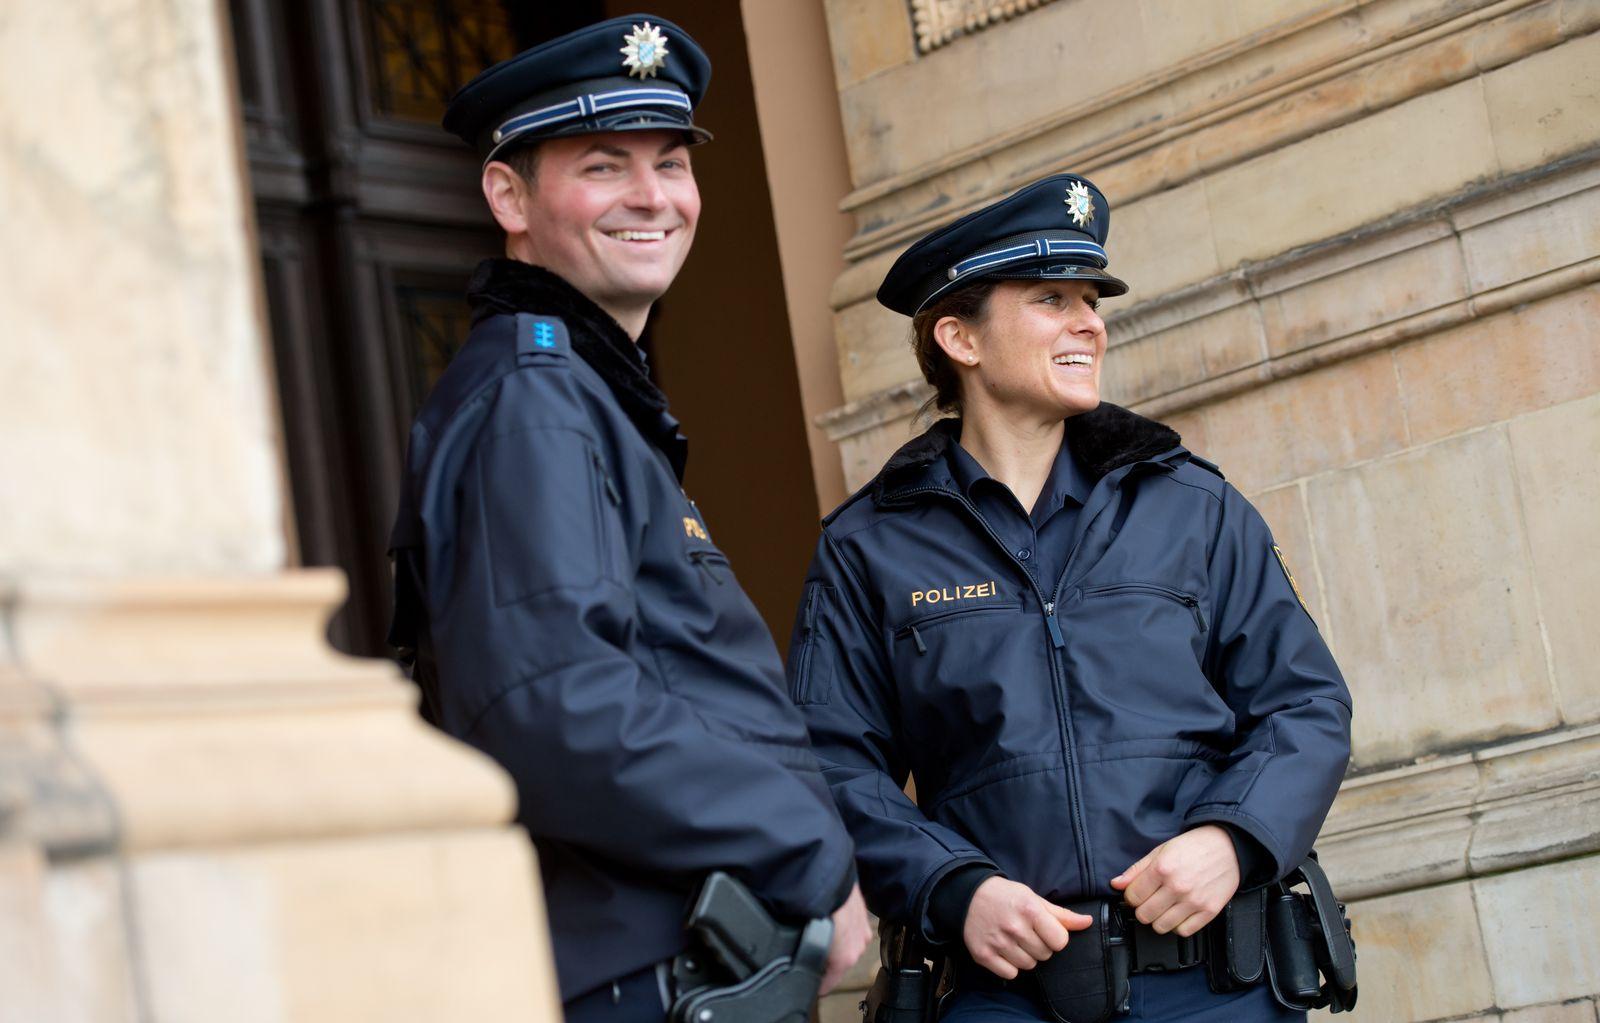 Polizei / Polizisten / Polizeiuniform in Bayern